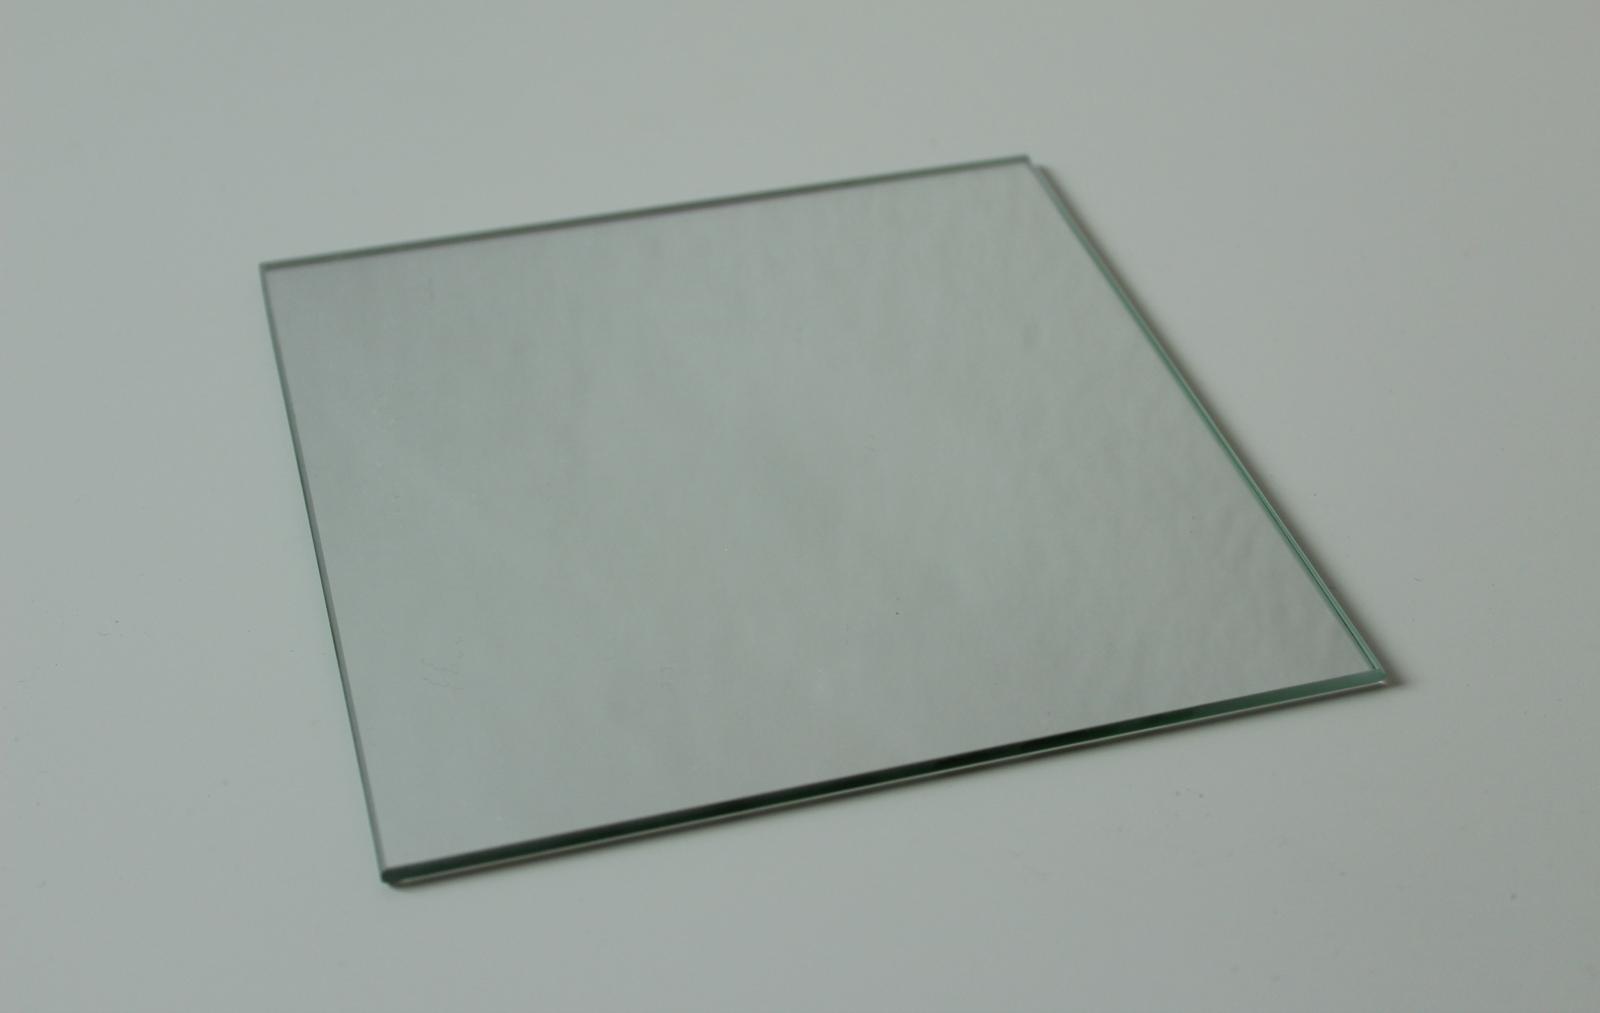 Zrkadlo hranaté - prenájom - Obrázok č. 1